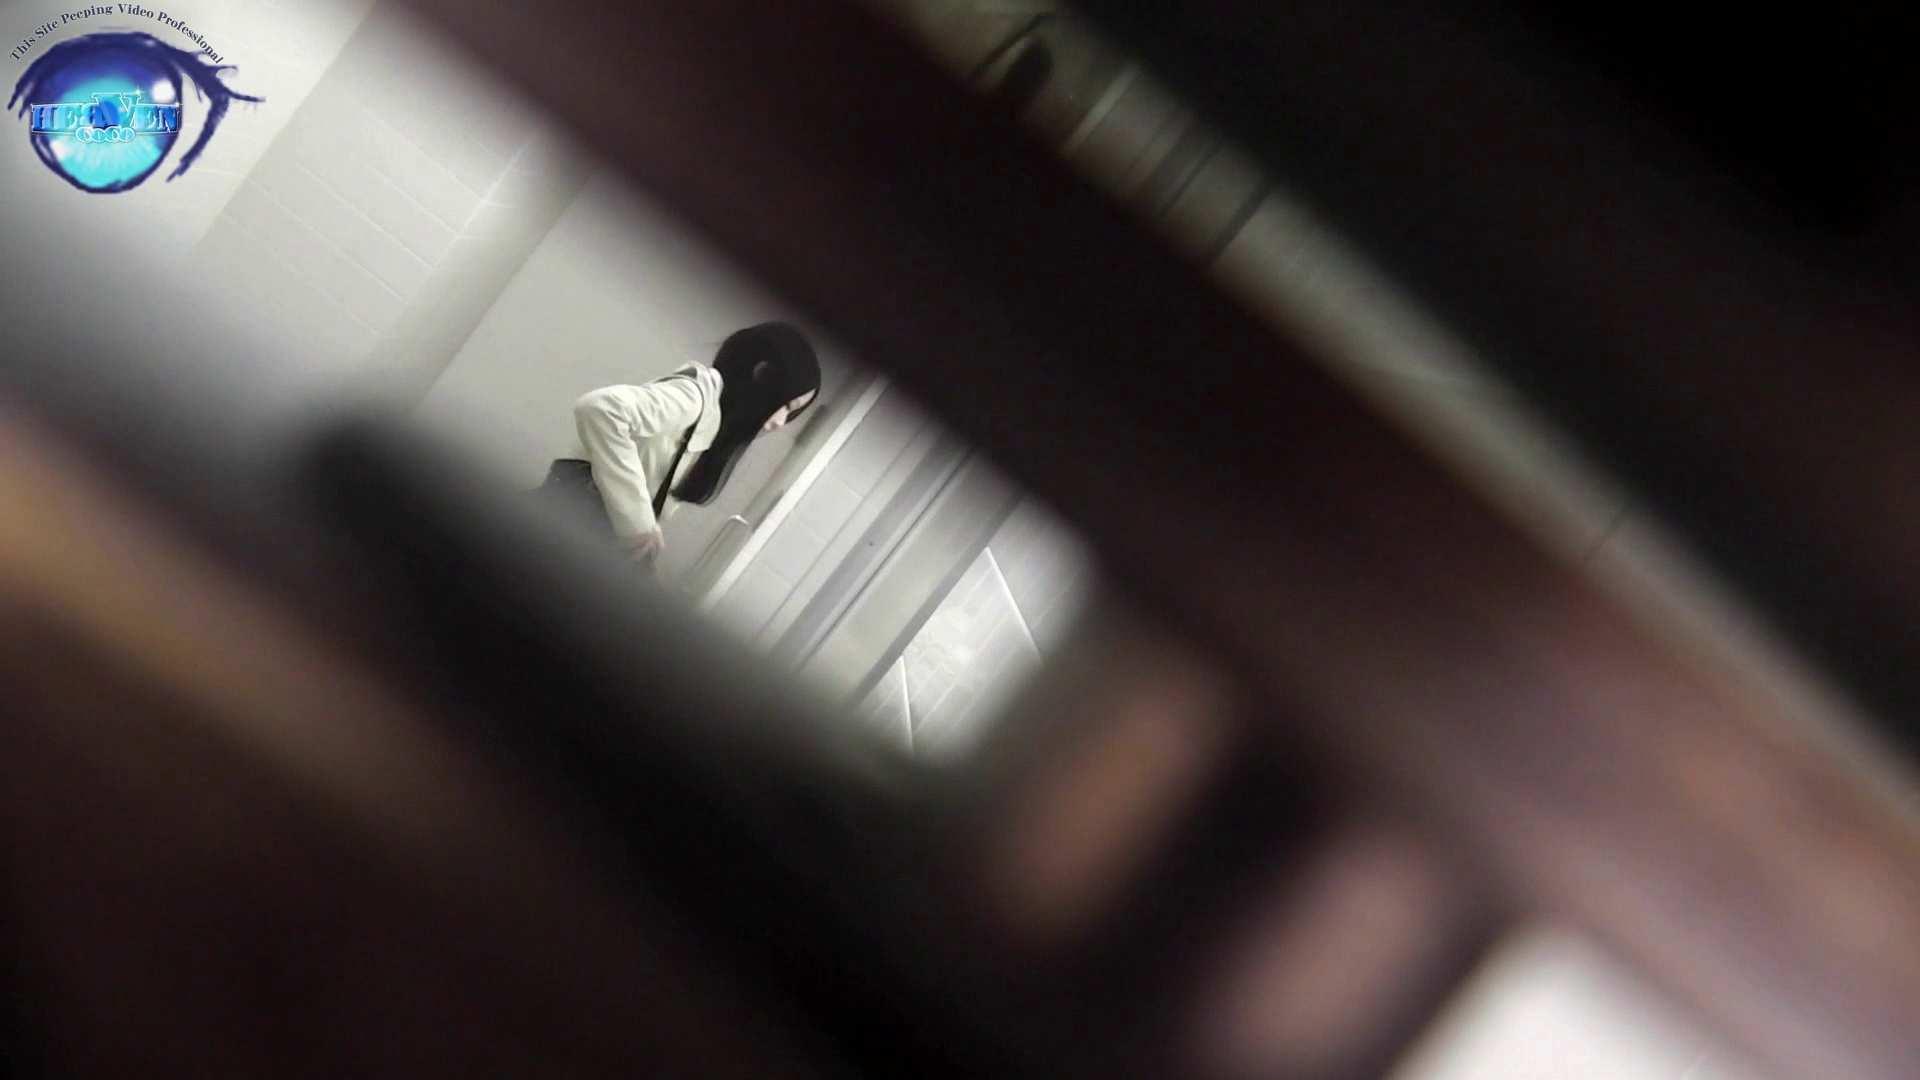 お銀さん vol.59 ピンチ!!「鏡の前で祈る女性」にばれる危機 前編 HなOL ヌード画像 96pic 47